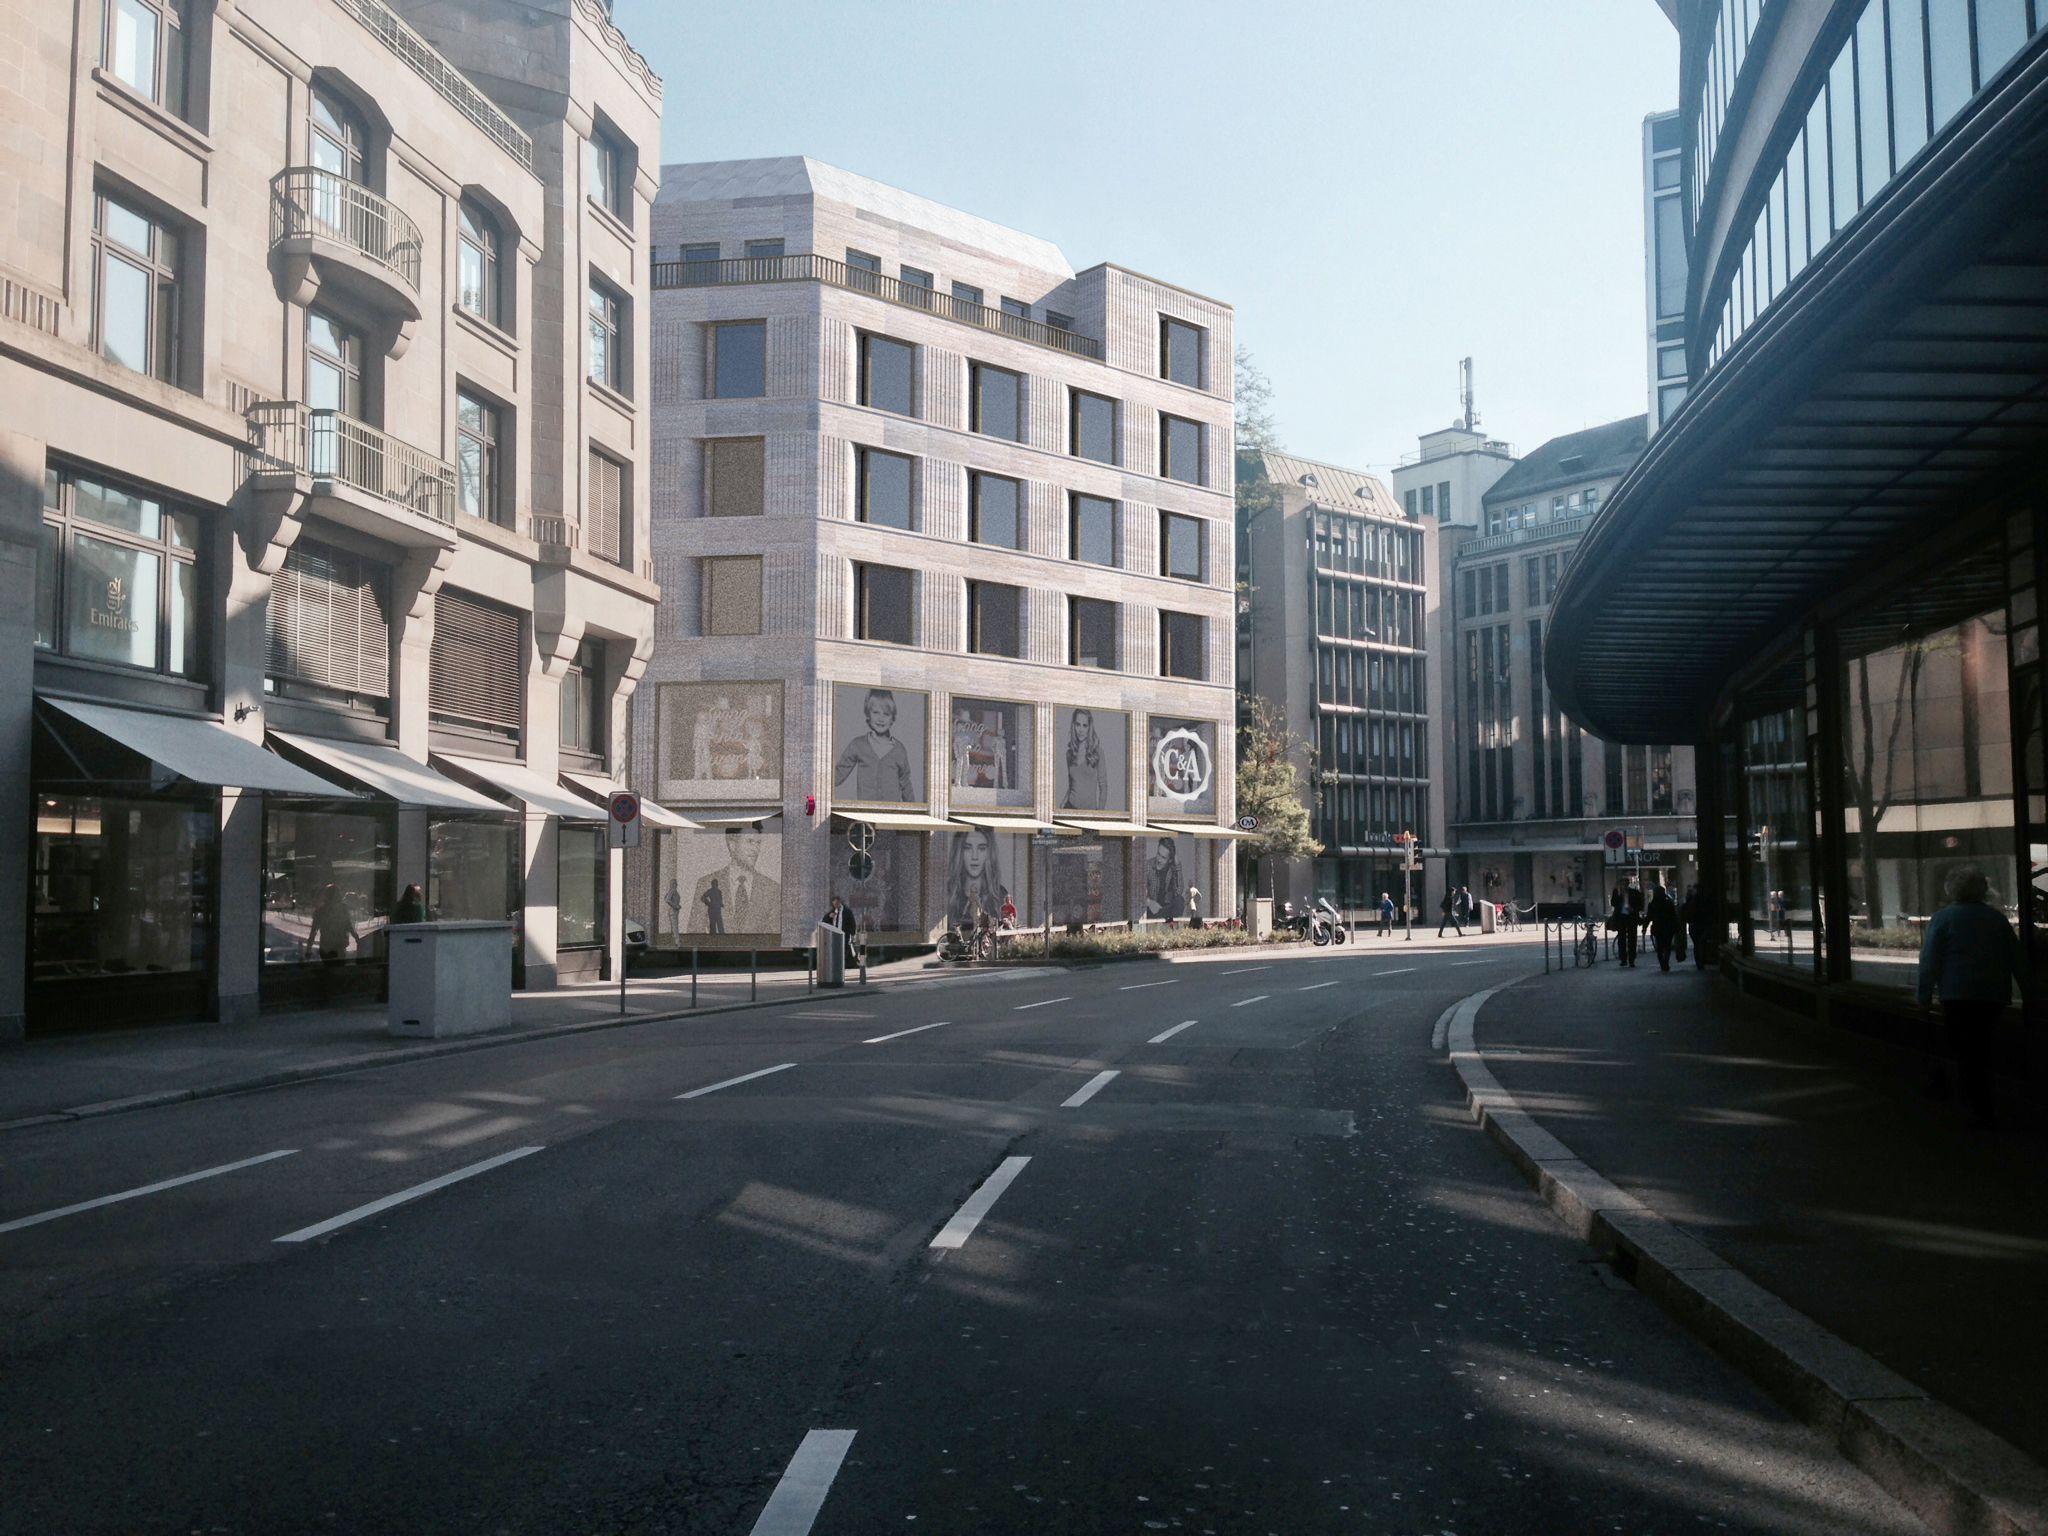 Fassadenstudie Umbau Warenhaus In Zurich Von Muller Truniger Architekten Architekt Fassade Architektur